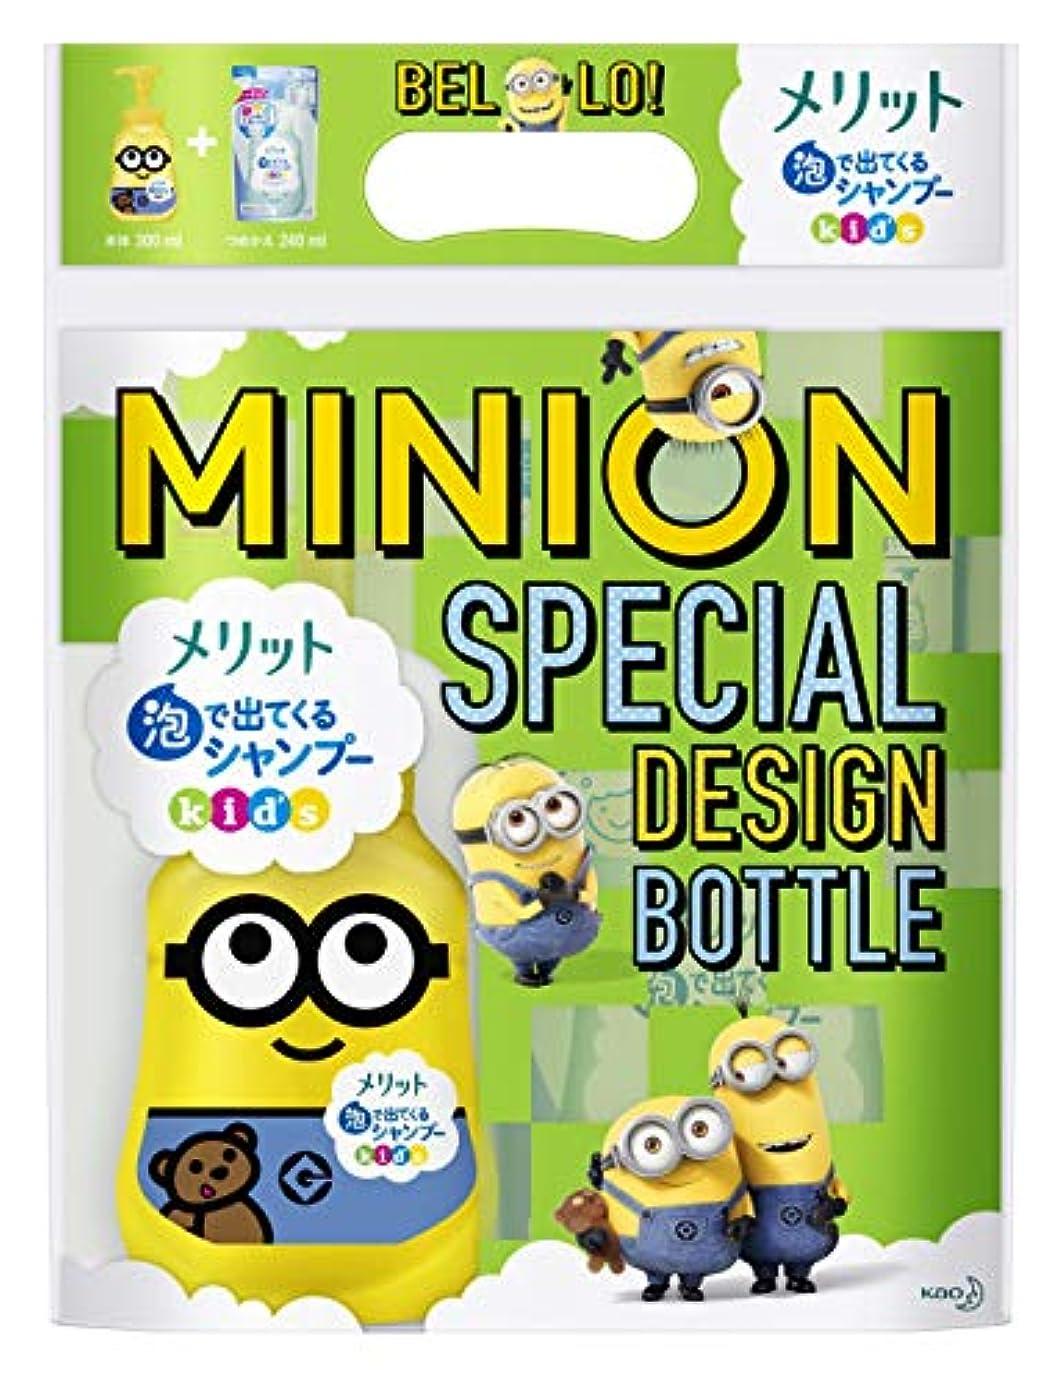 かなりスムーズに等しいメリット 泡で出てくるシャンプー キッズ ミニオン スペシャルデザインボトル [ Minion Special Design Bottle ] + つめかえ用セット (デザインボトル300ml+つめかえ用240ml)